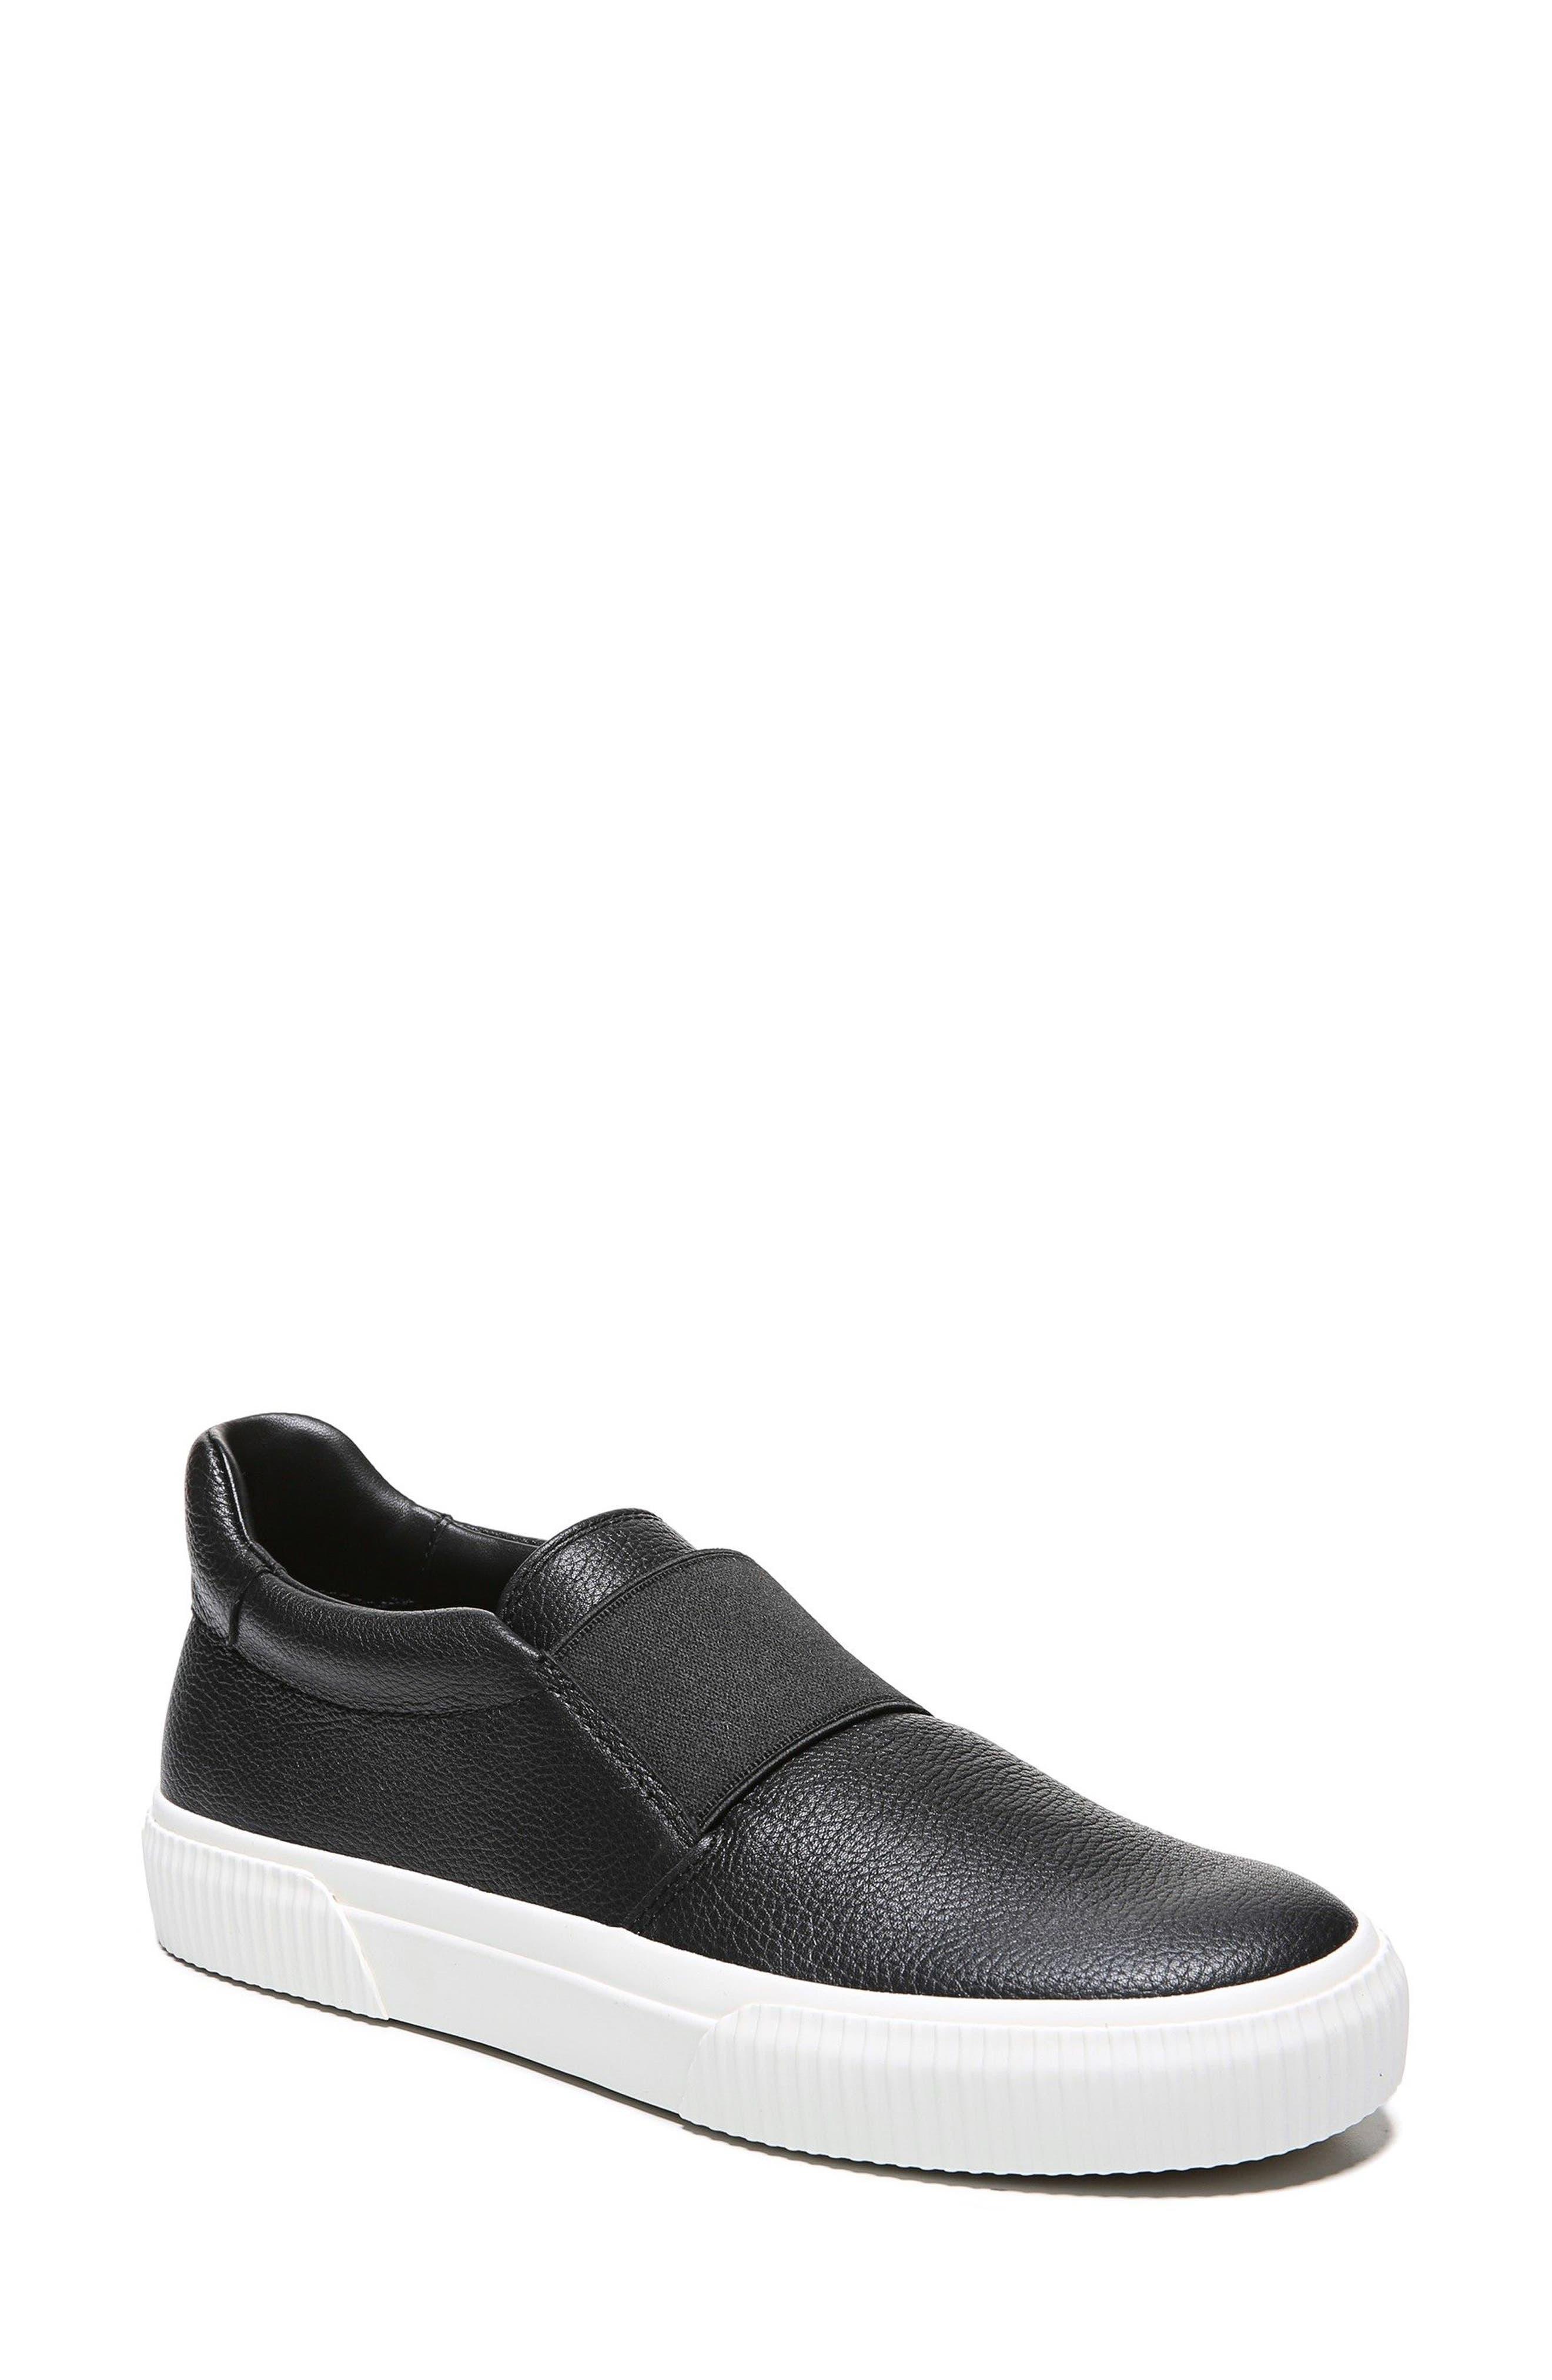 Kirkland Slip-On Sneaker,                             Main thumbnail 1, color,                             001